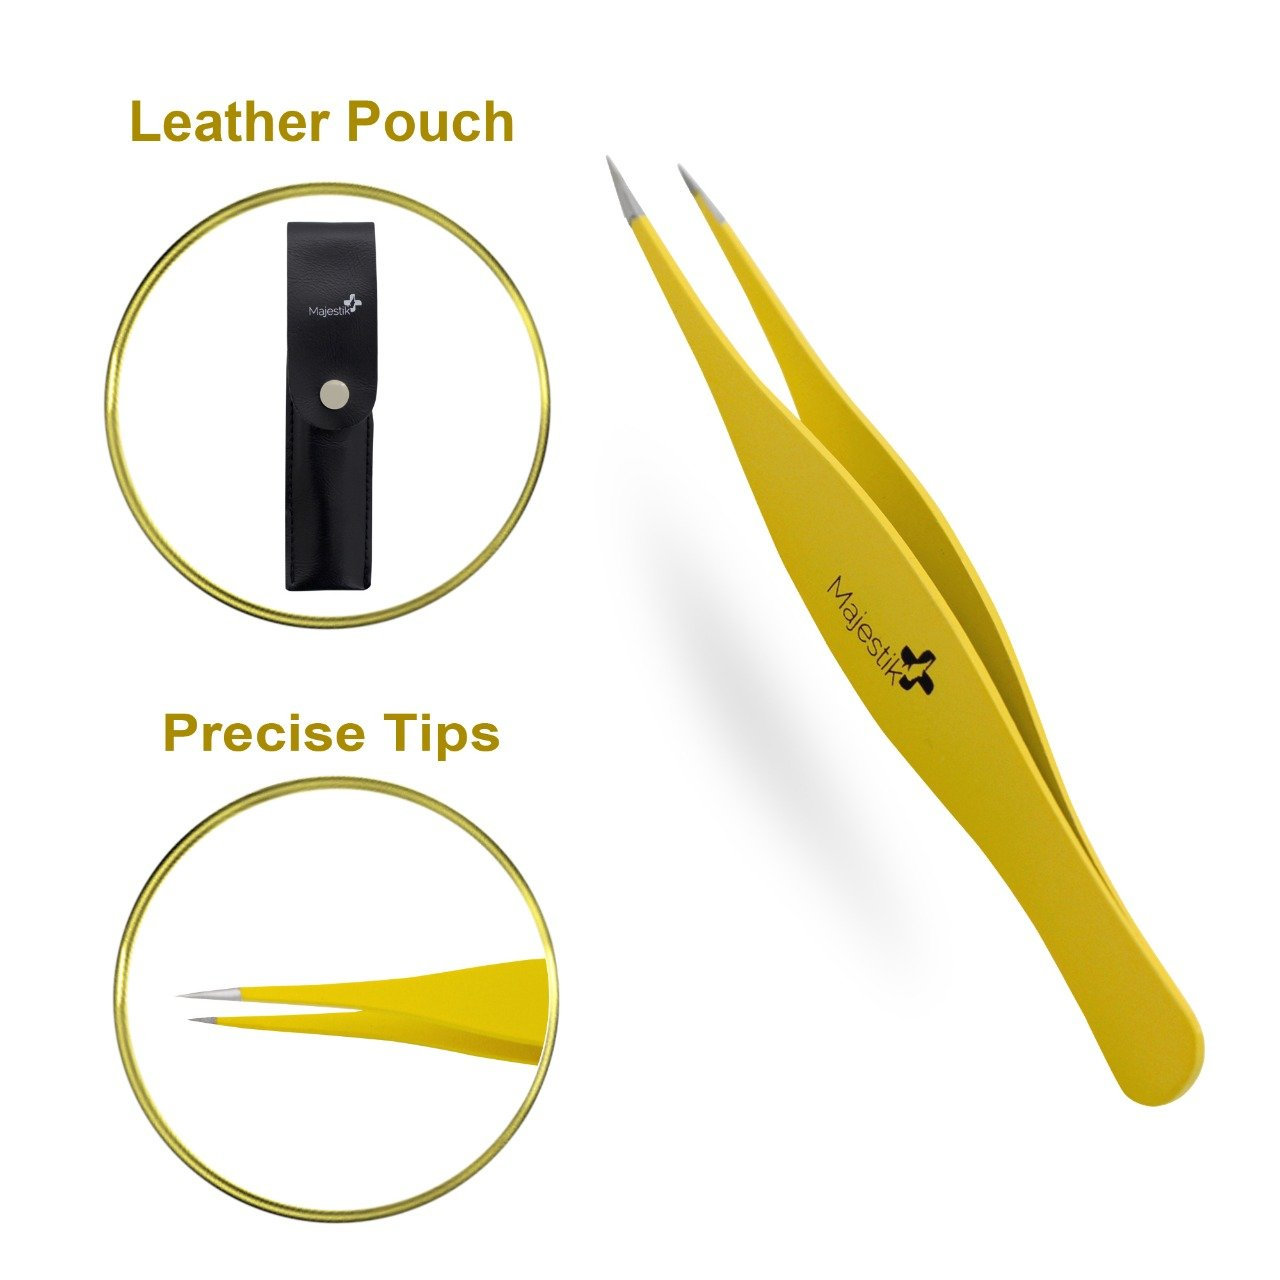 Pinzas para quitar Ingrown cabello - mejor acero inoxidable profesional apuntó pinzas - ceja de precisión y Splinter eliminación pinzas JLS Personal Care Ltd.